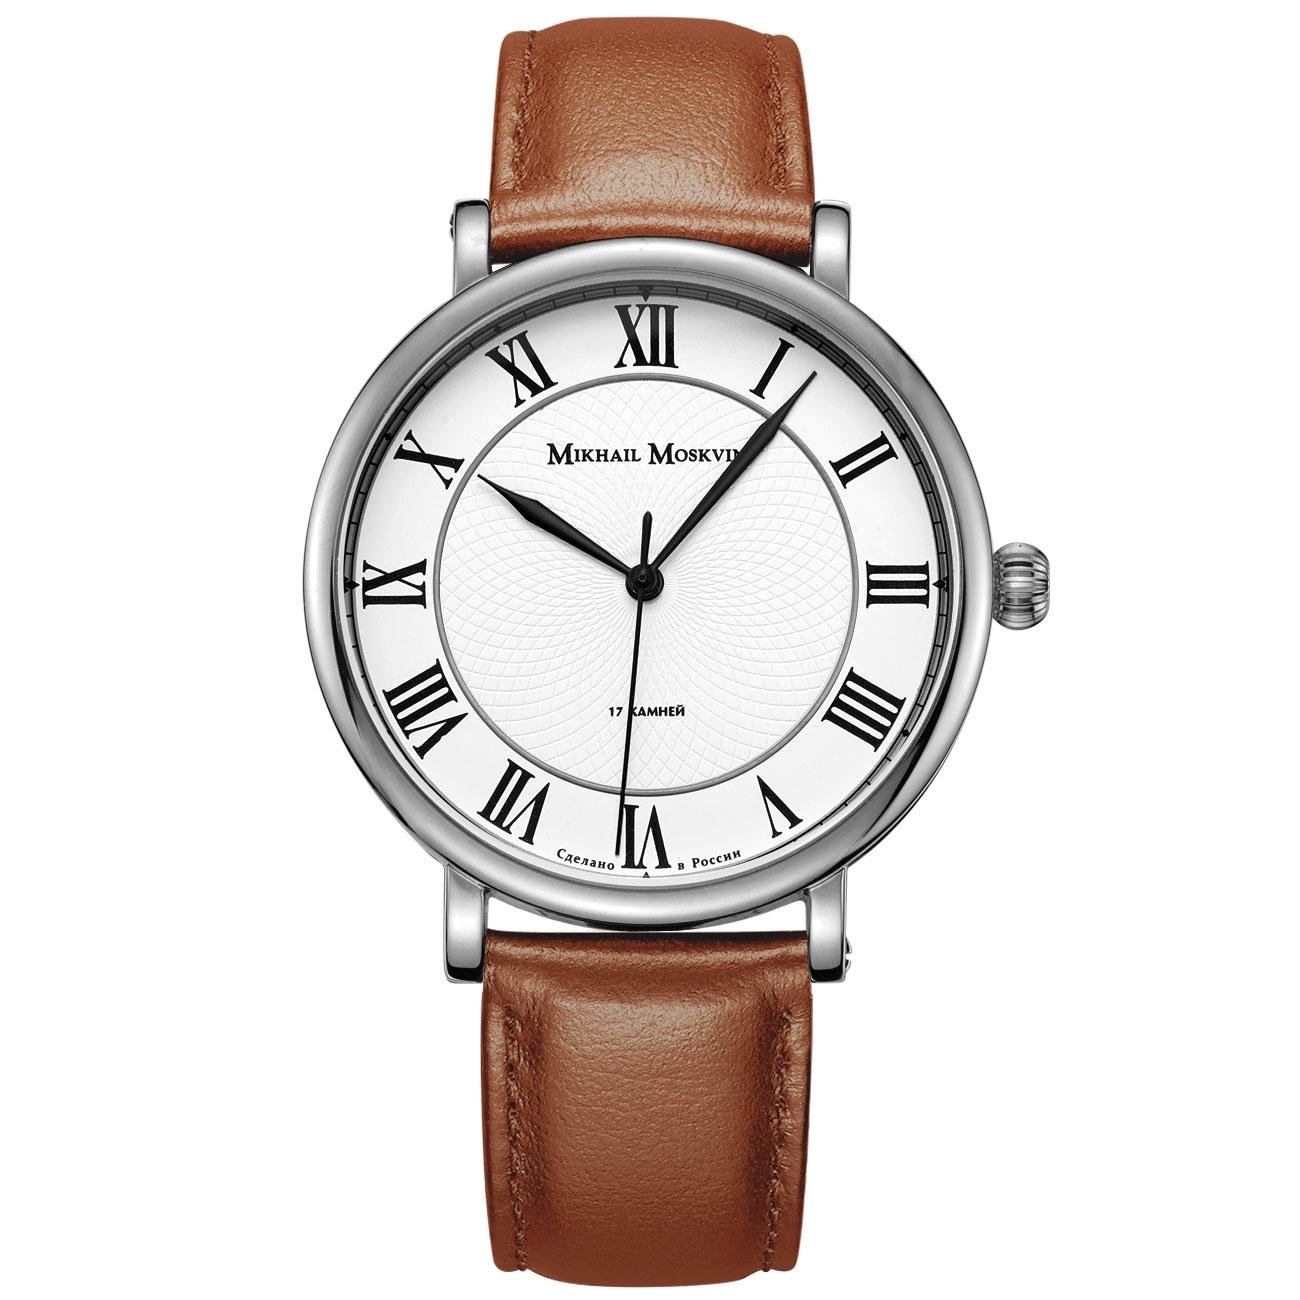 Часы Mikhail Moskvin, Mikhail Moskvin 1050A1L9-11, 1050A1L9-11 все цены